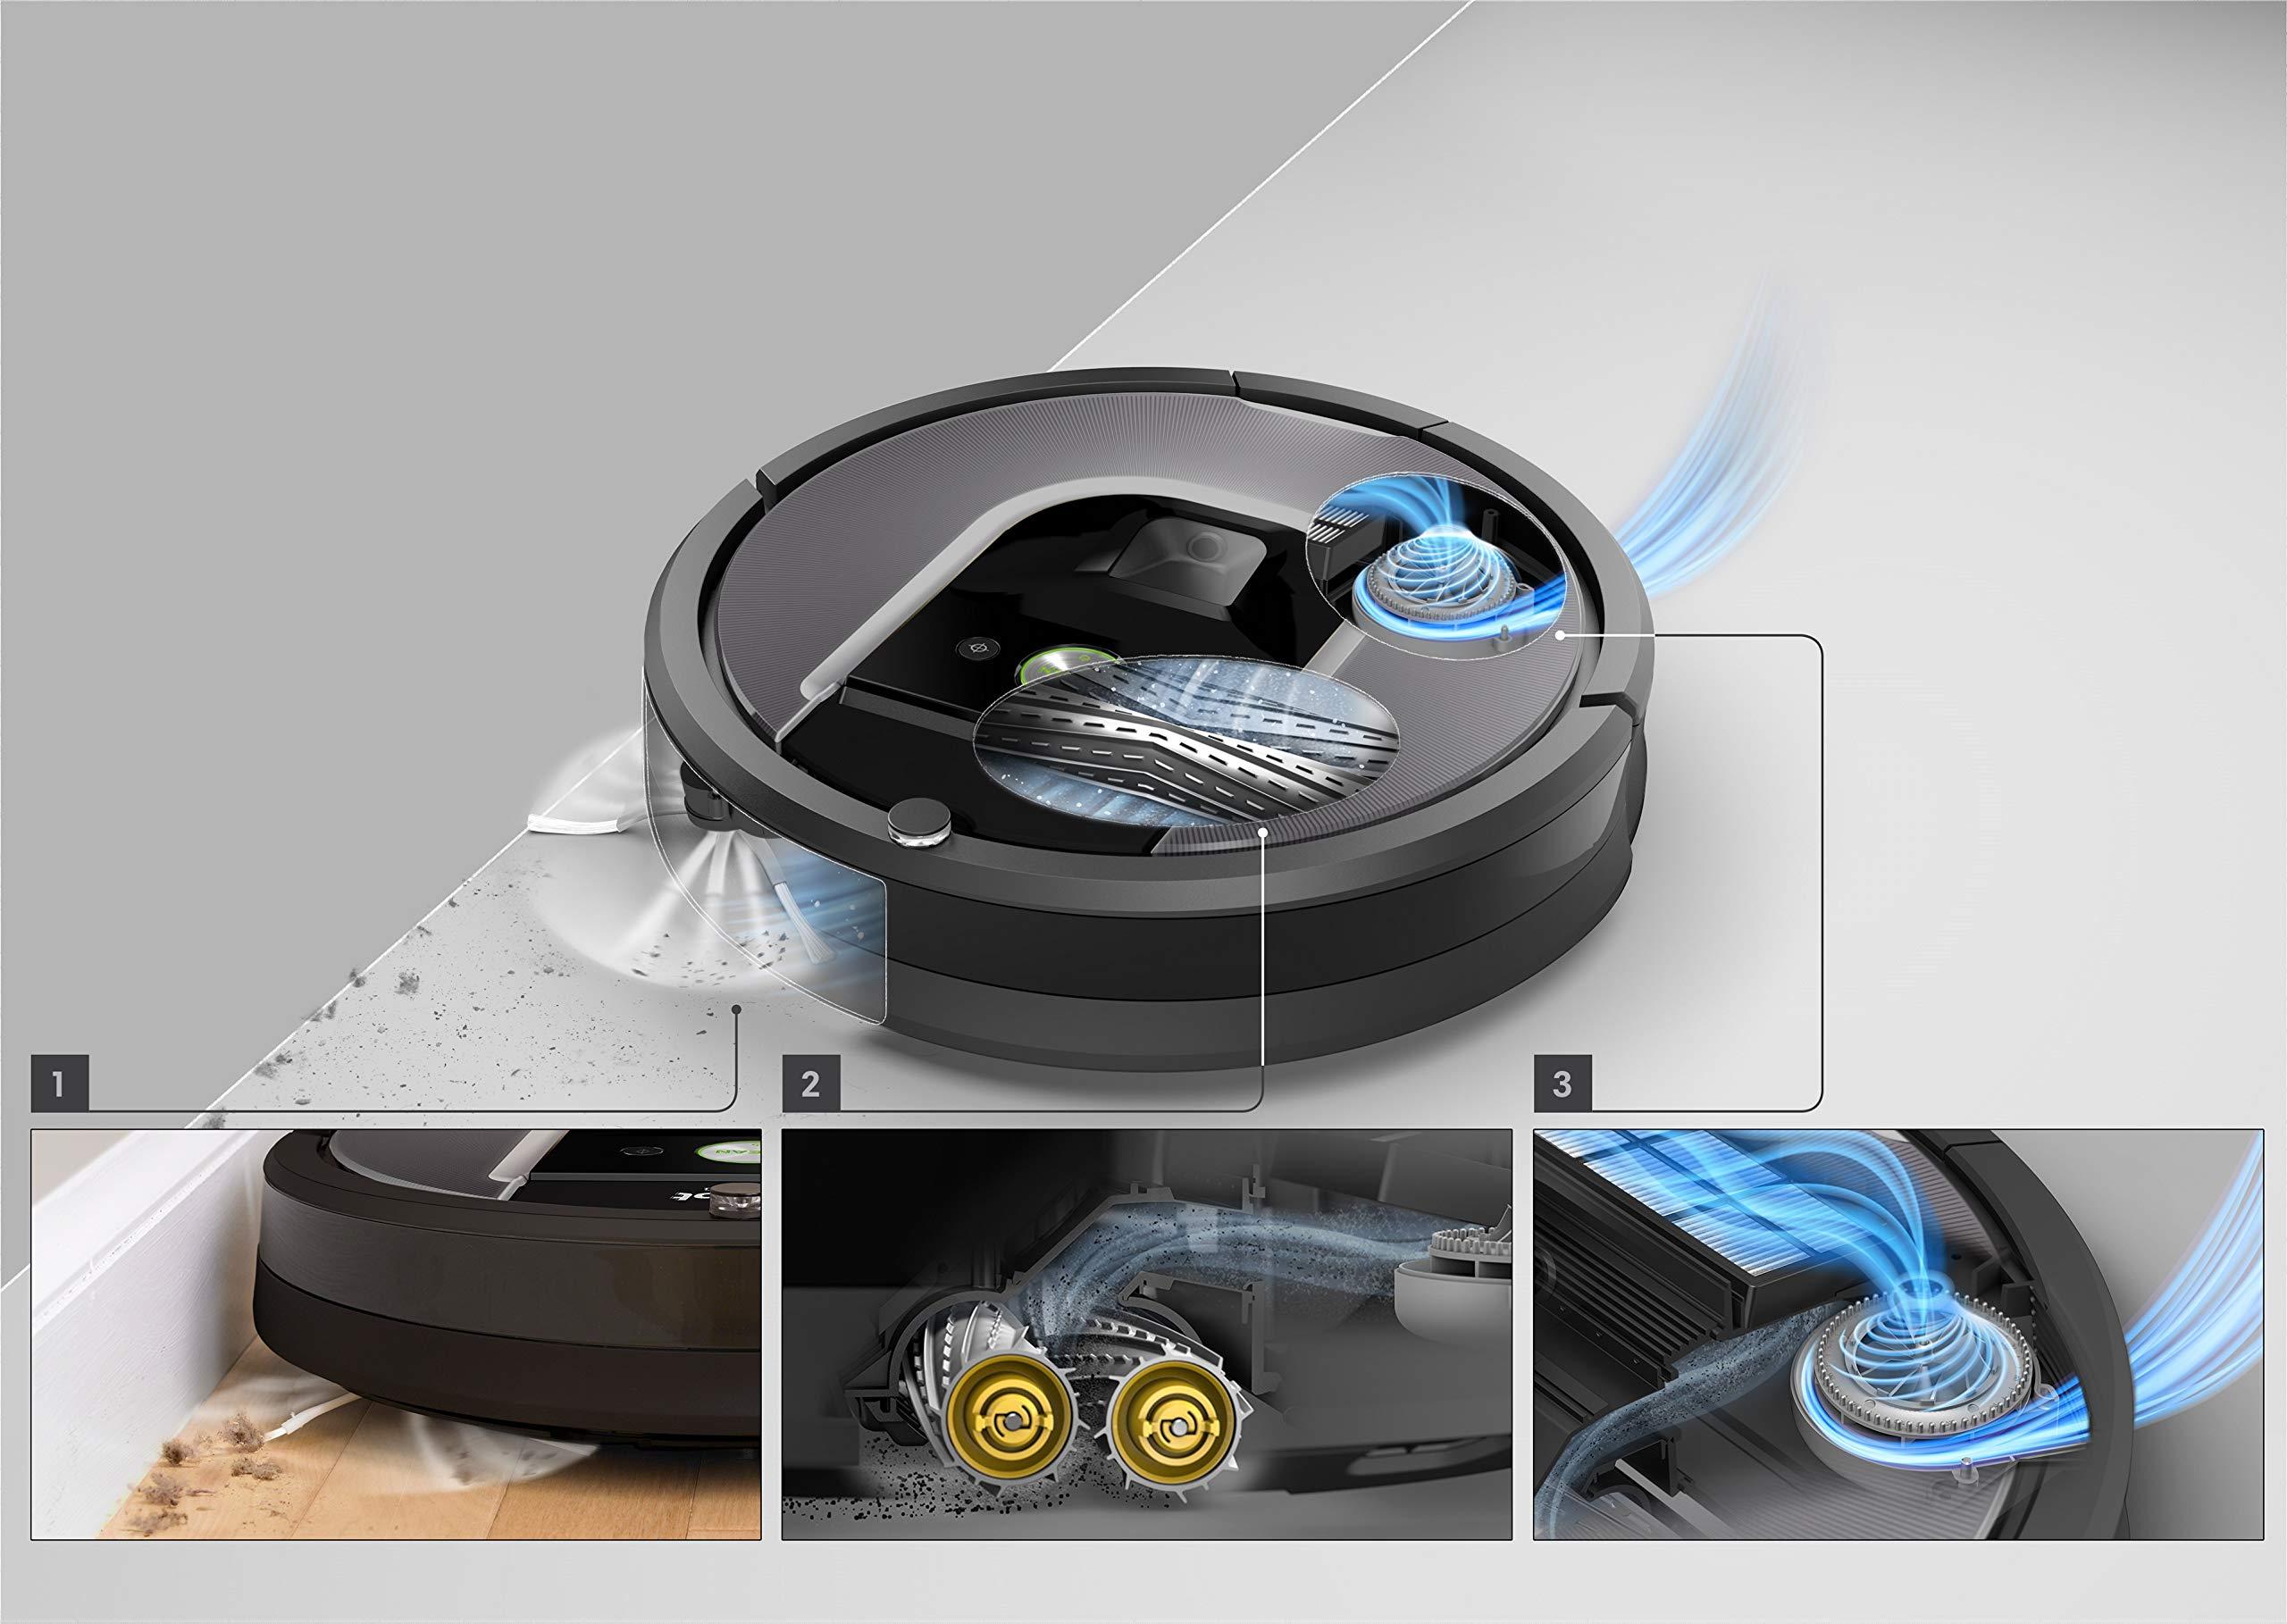 iRobot Roomba 960 Robot Aspirapolvere, Sistema di Pulizia Dirt Detect, Spazzole Tangle-Free, per Pavimenti e Tappeti… 4 spesavip